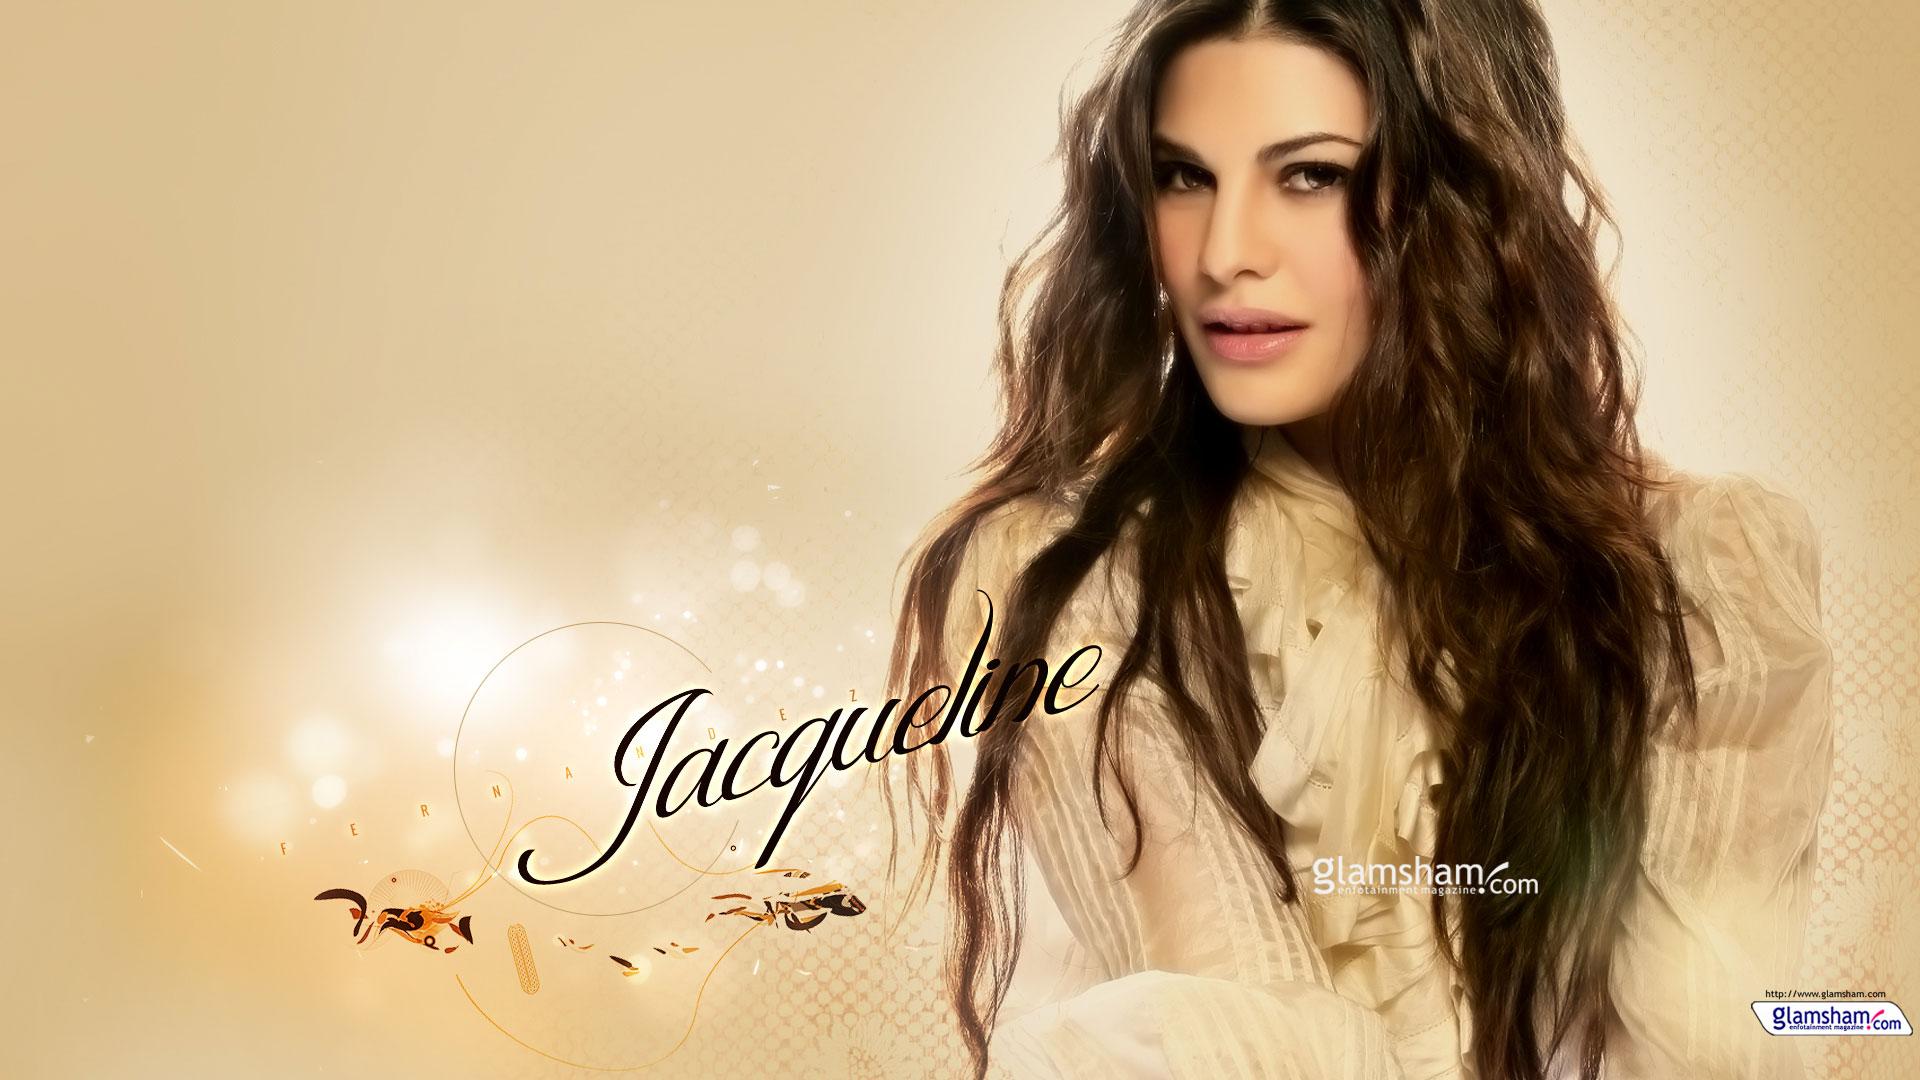 jacqueline fernandez images jacqueline fernandez wallpaper 30 19x10